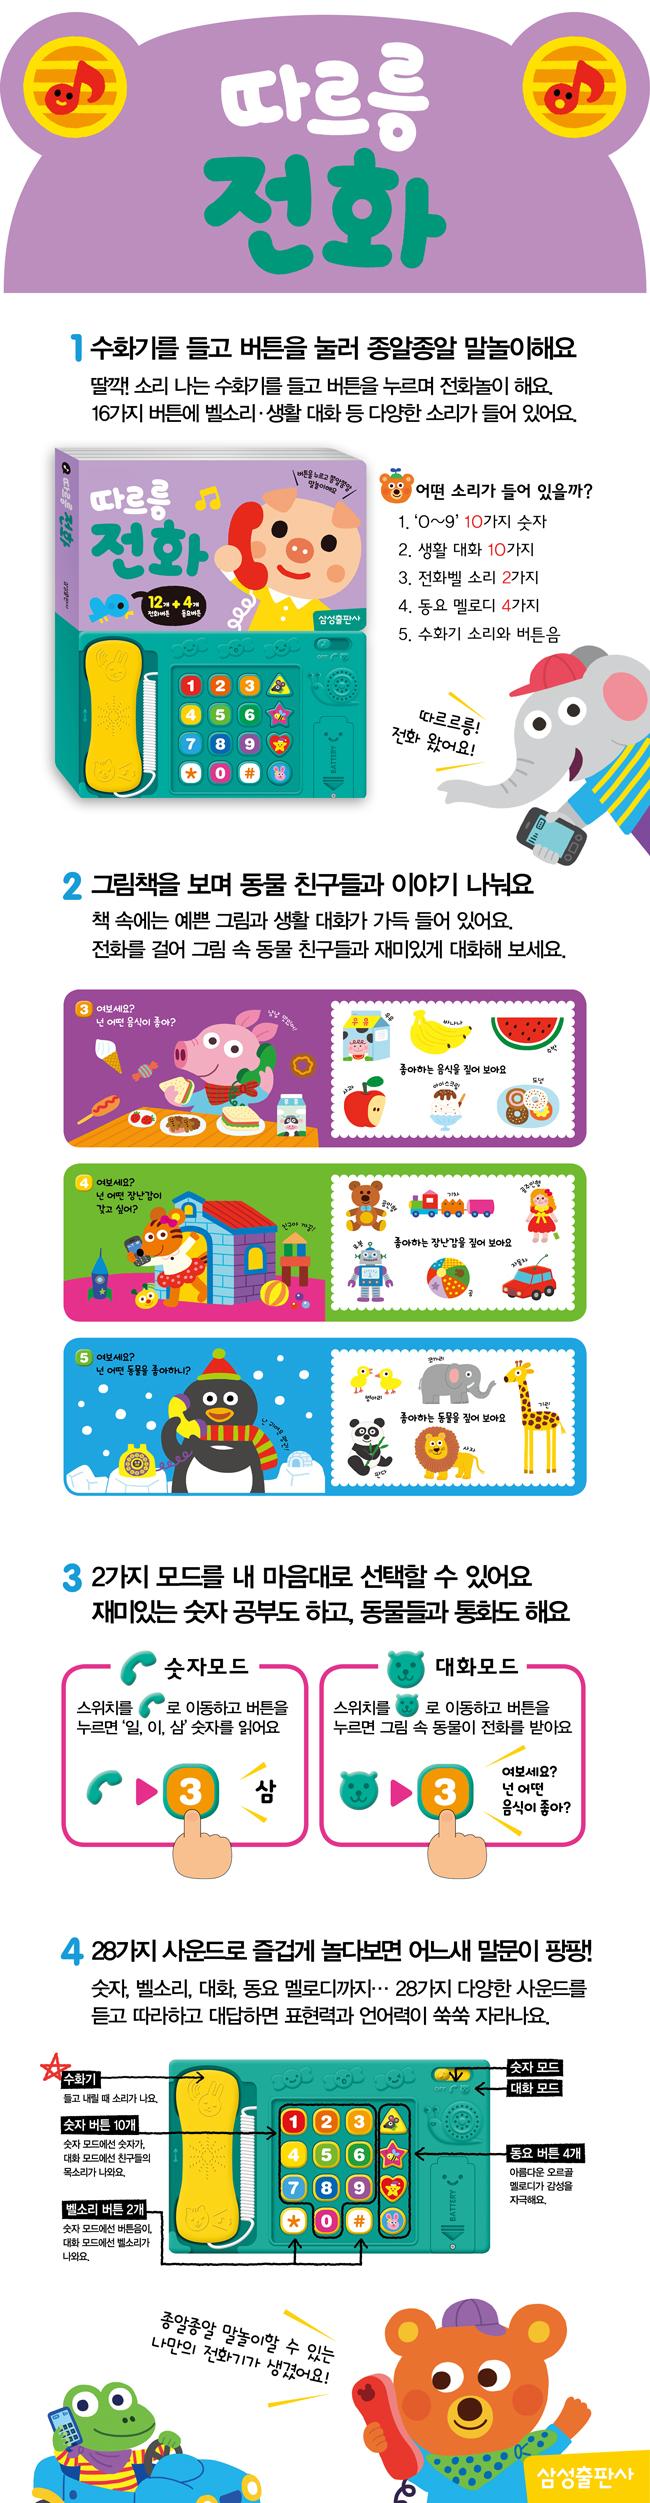 삼성출판사 NEW 노래로 사운드북 외 19종 (한글/영어/피아노 외)